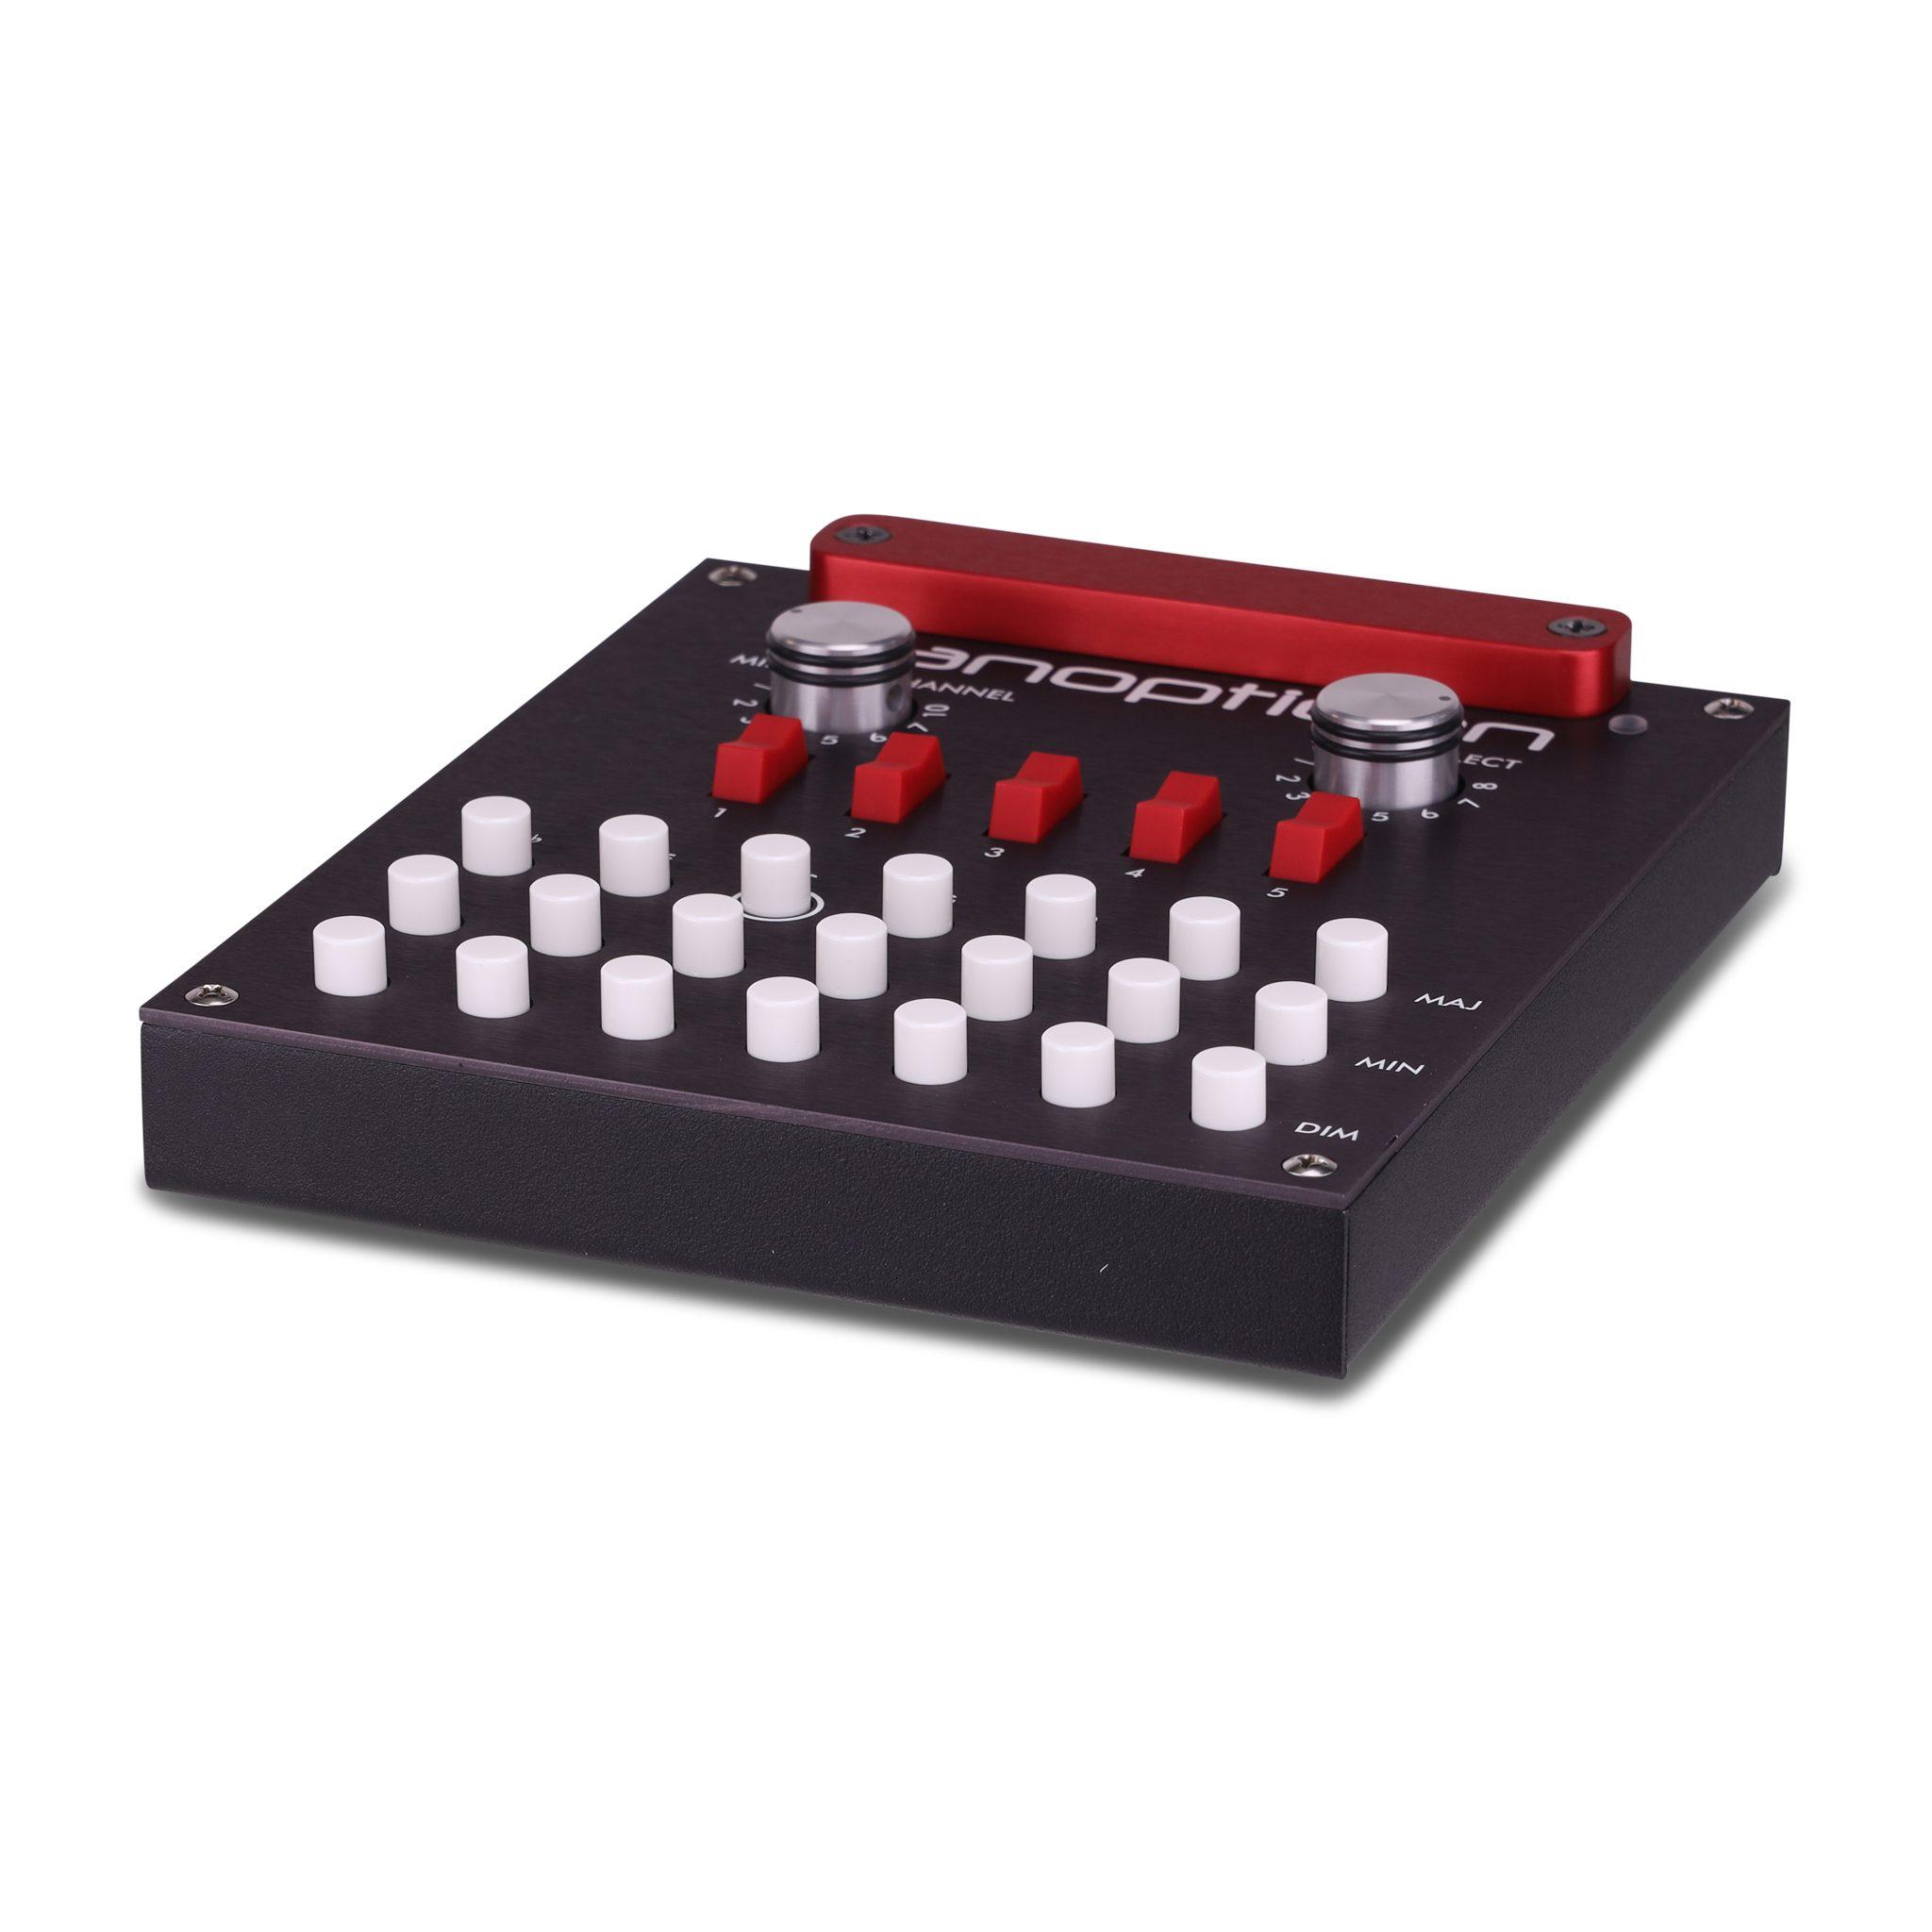 19-panoptigonchordcontroller